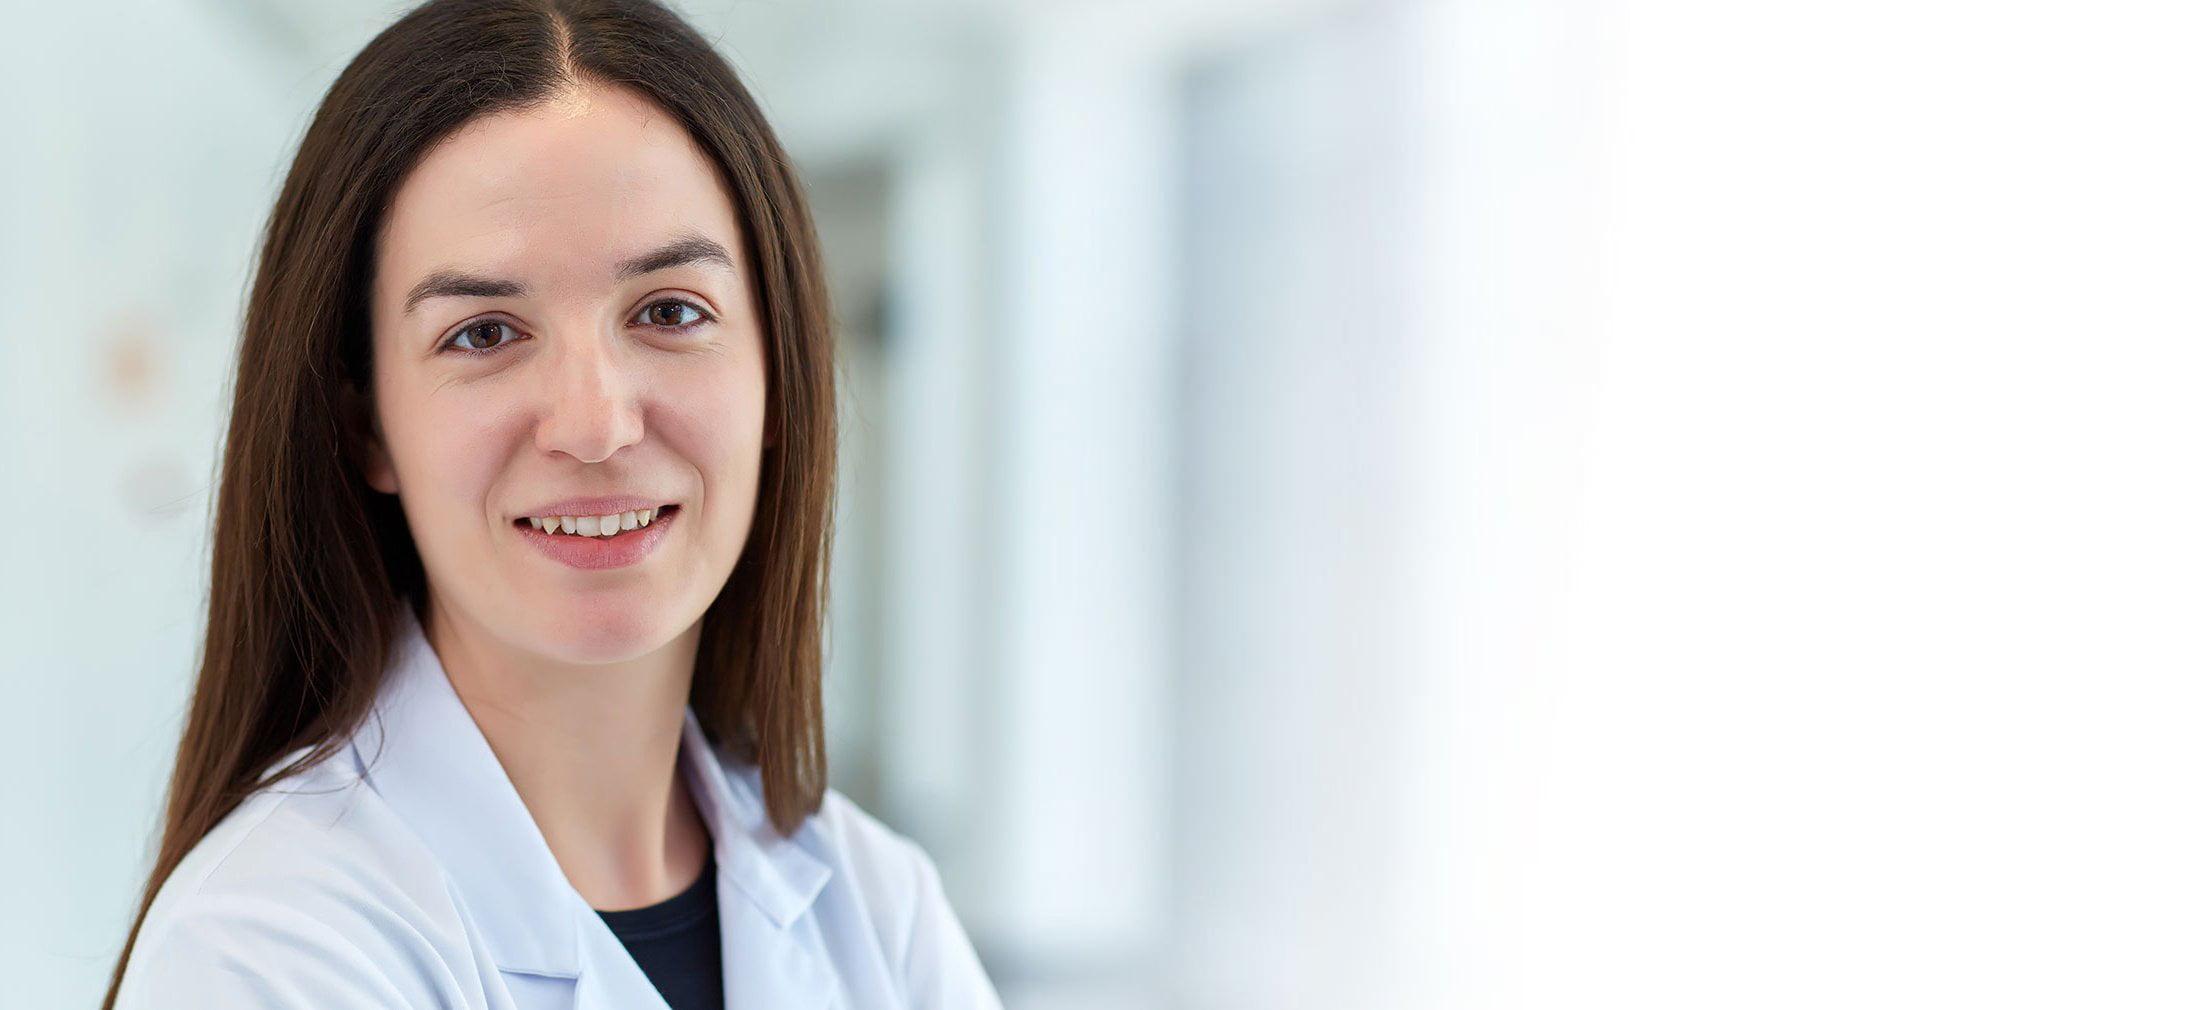 Miomas en el embarazo y fertilidad – Entrevista a la Dra. Estefanía Rodríguez